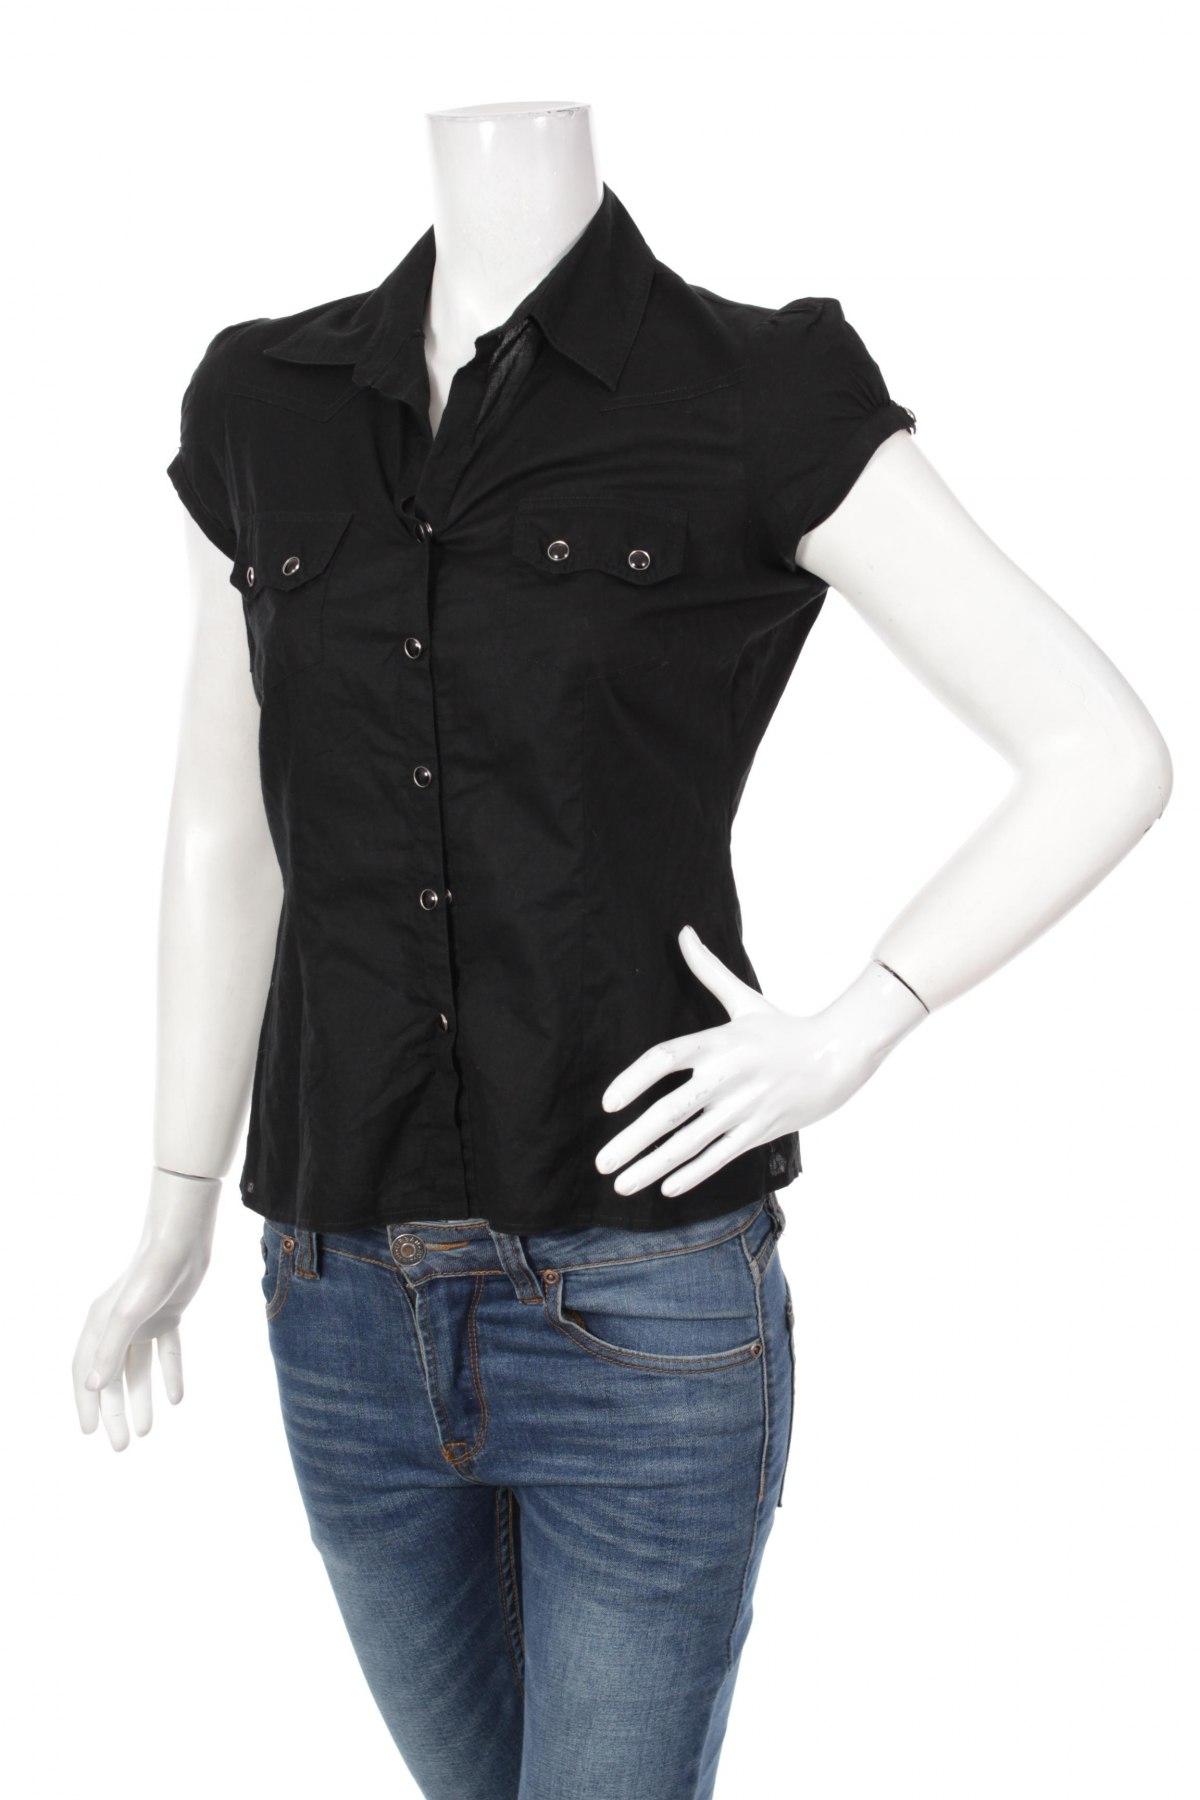 Γυναικείο πουκάμισο Authentic Style